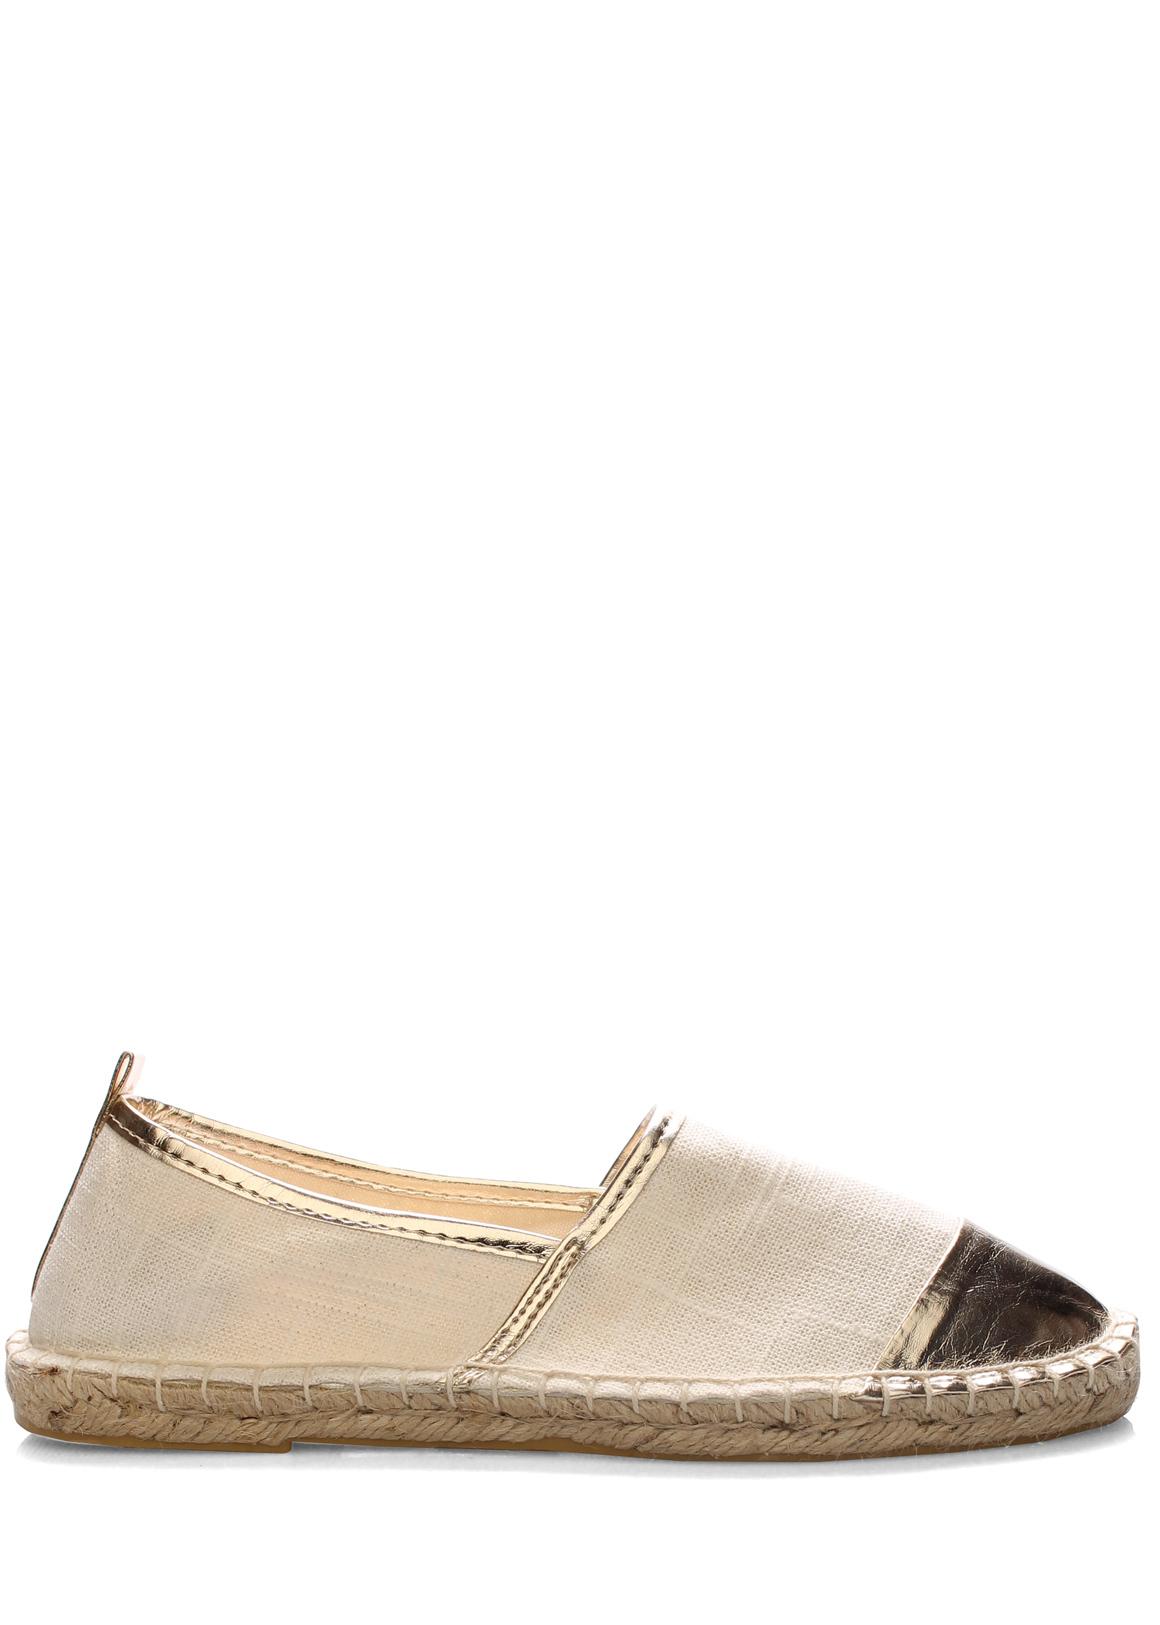 def4c174e8b ➤ Bílé espadrilky se zlatou špičkou Monshoe - Levná i značková obuv